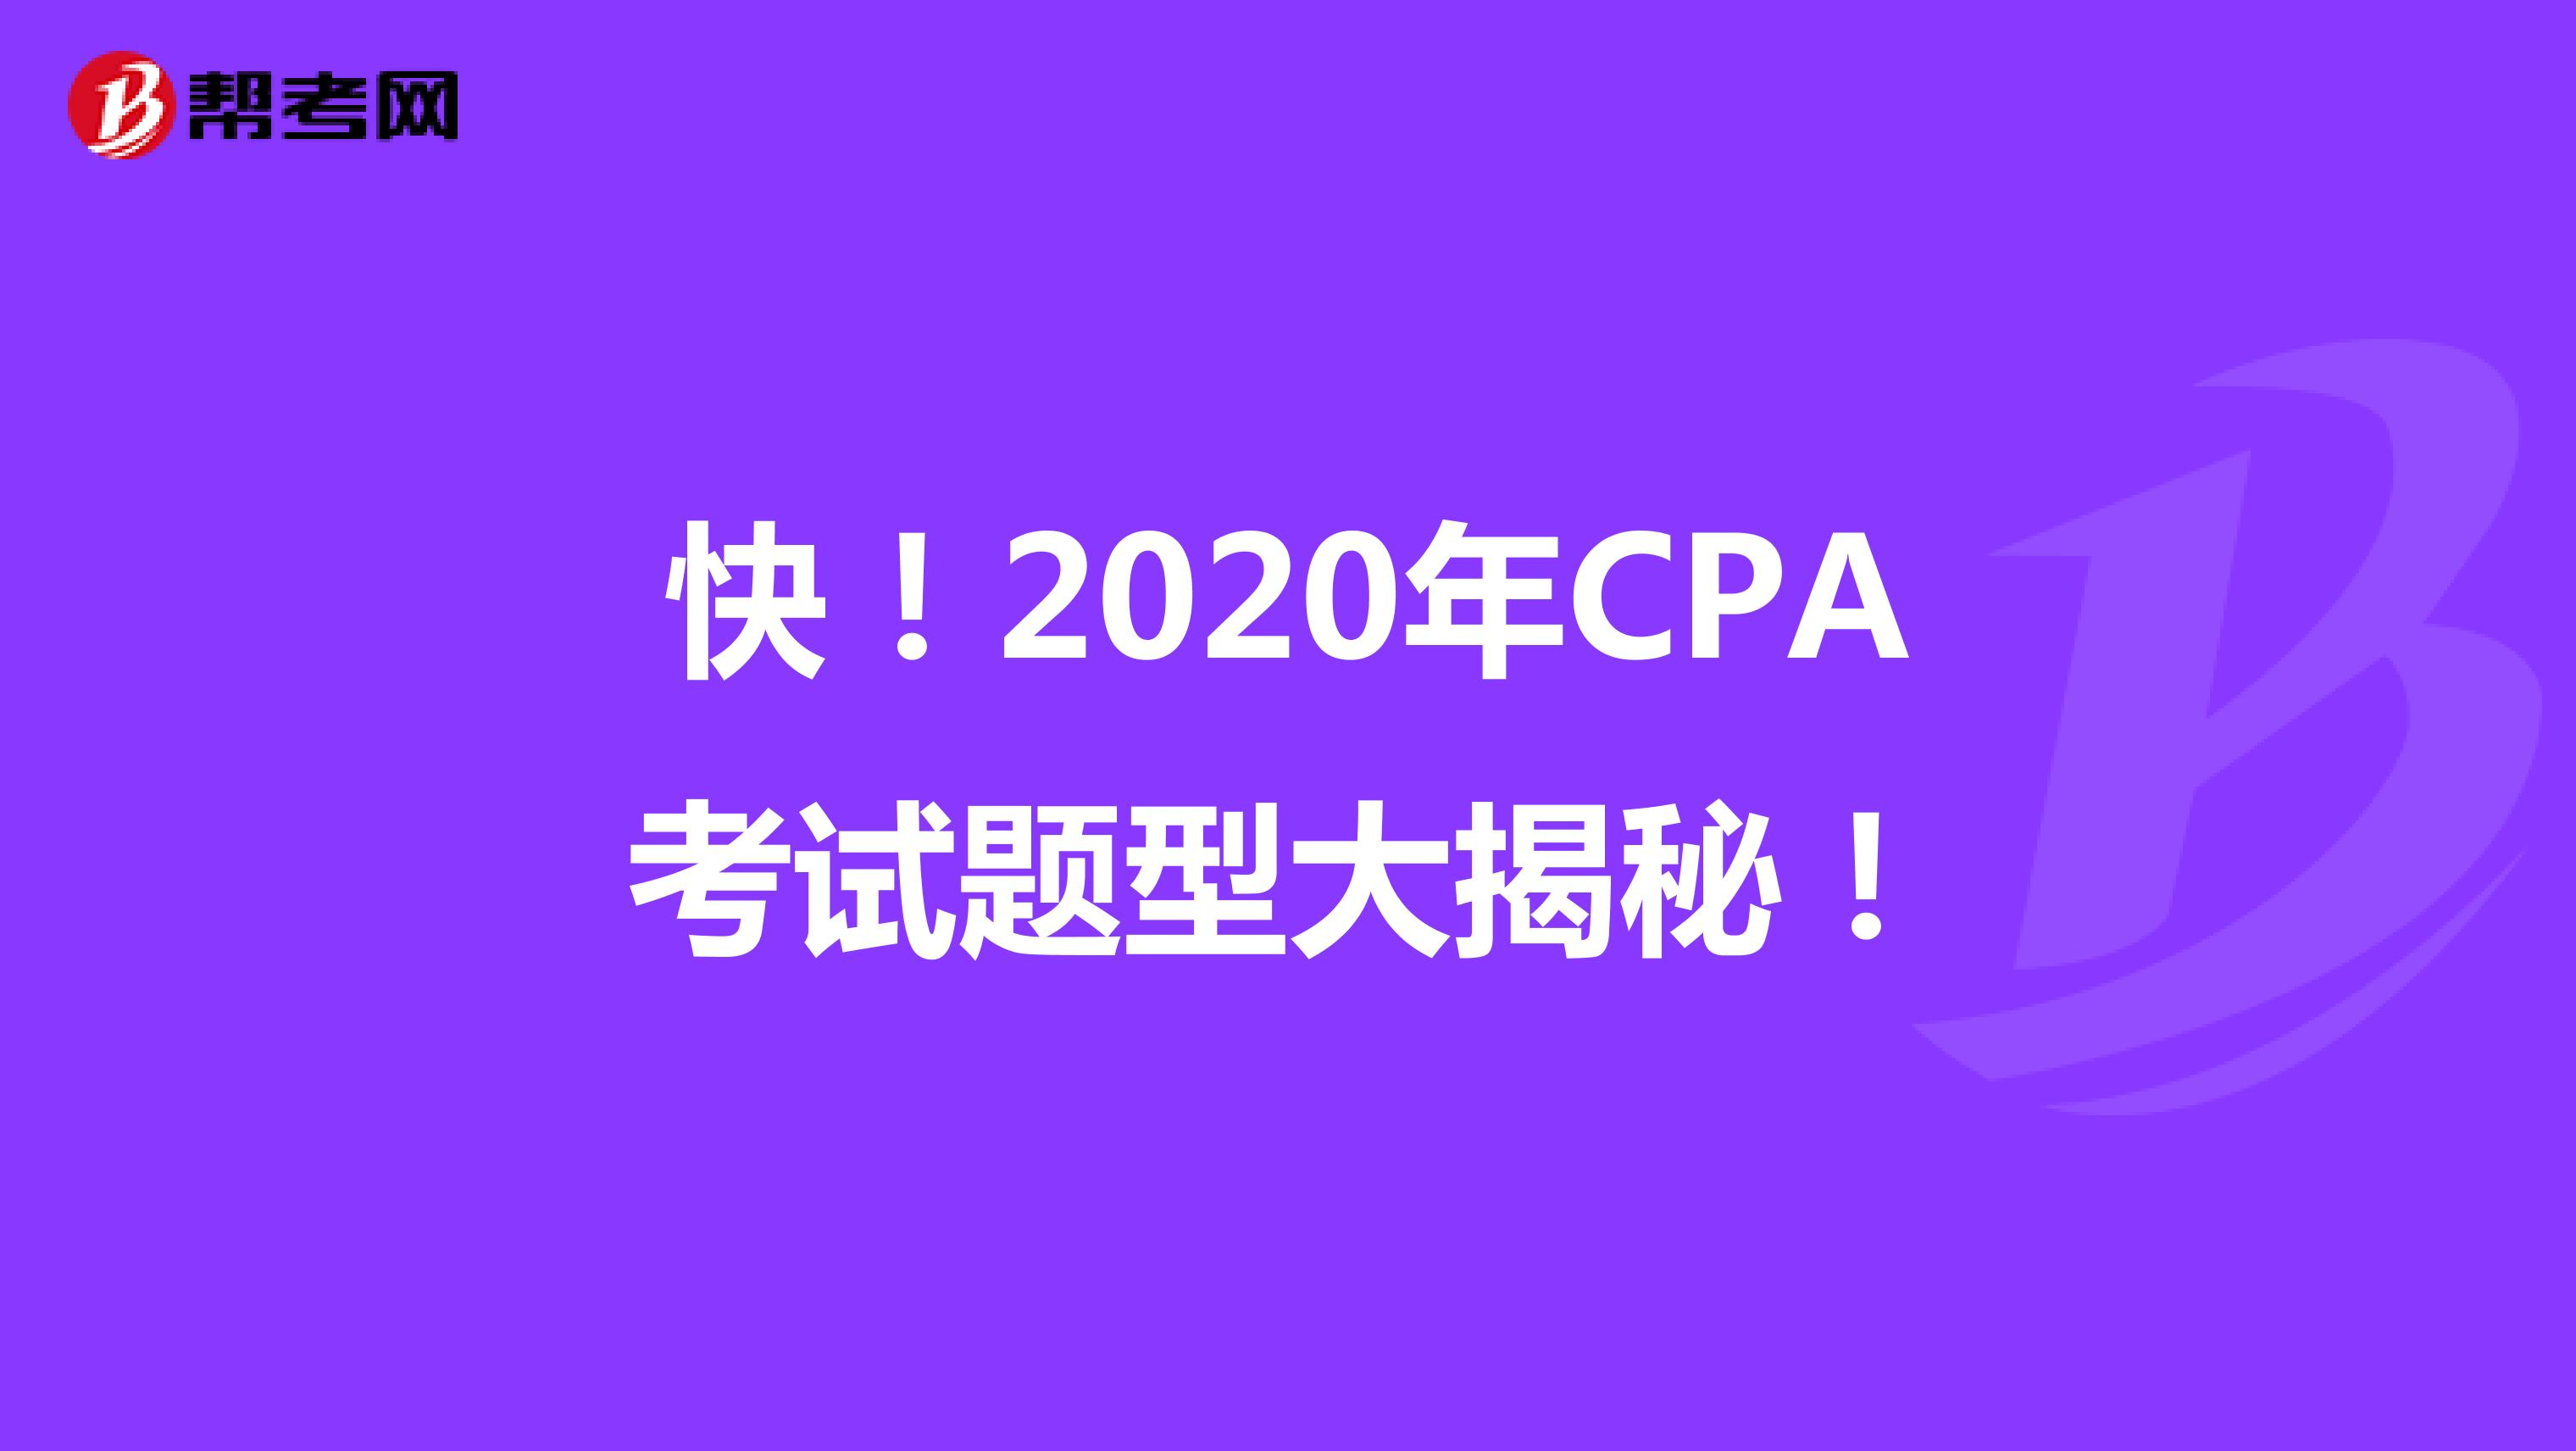 快!2020年CPA考试题型大揭秘!